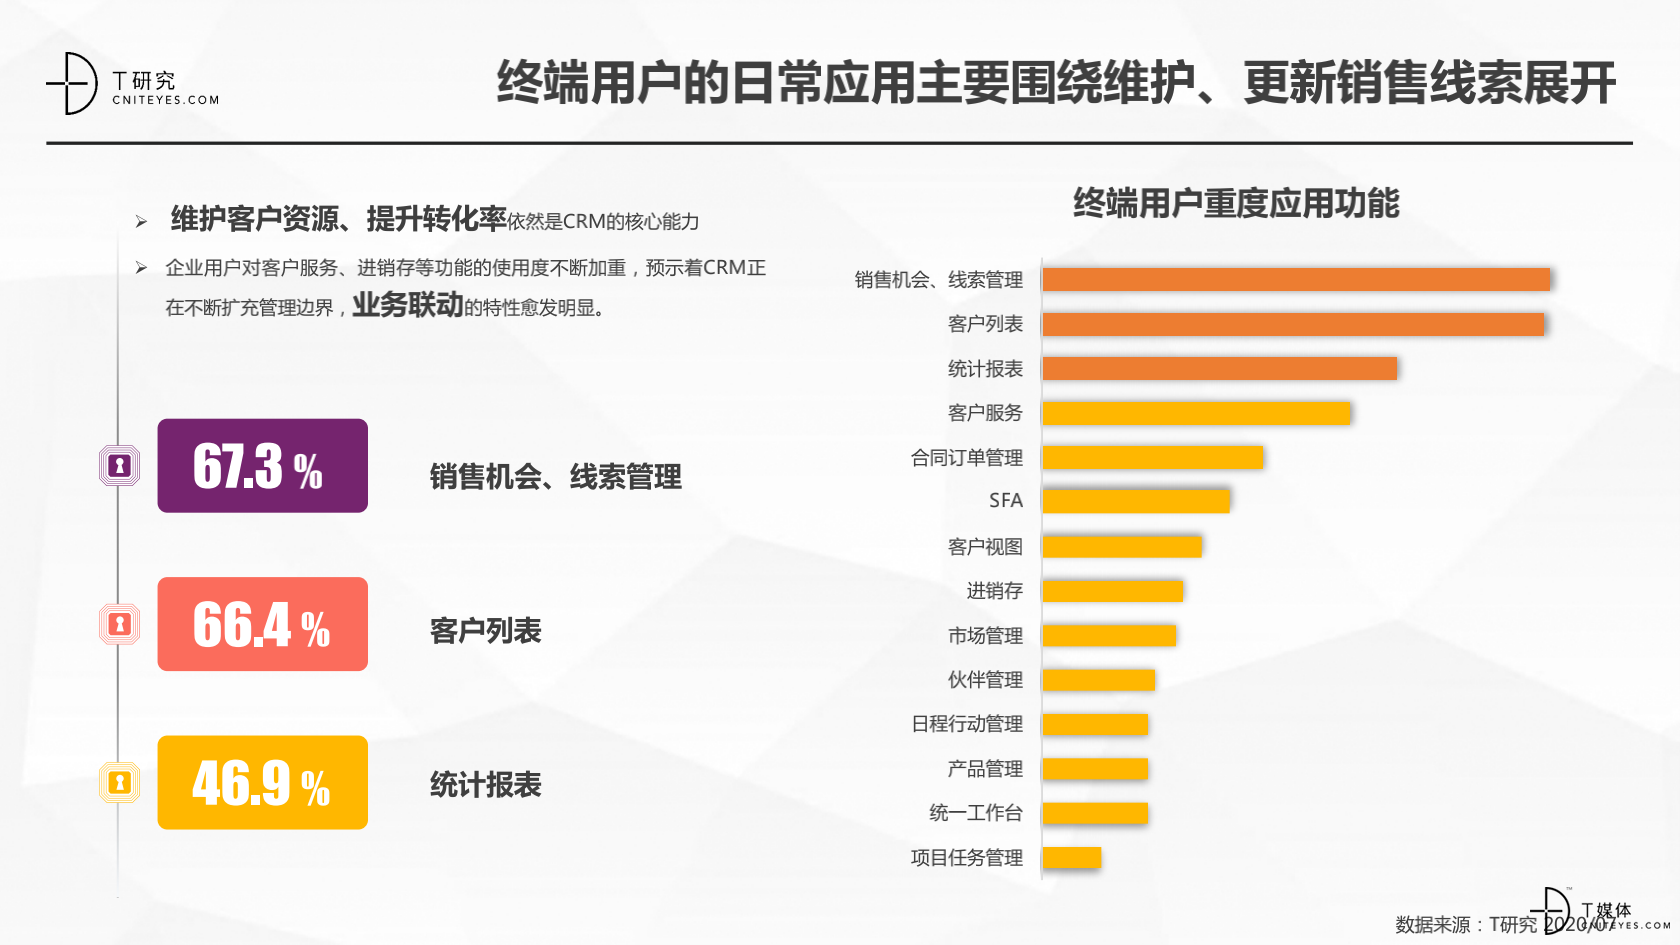 2_2020中国CRM指数测评报告v1.5_11.png